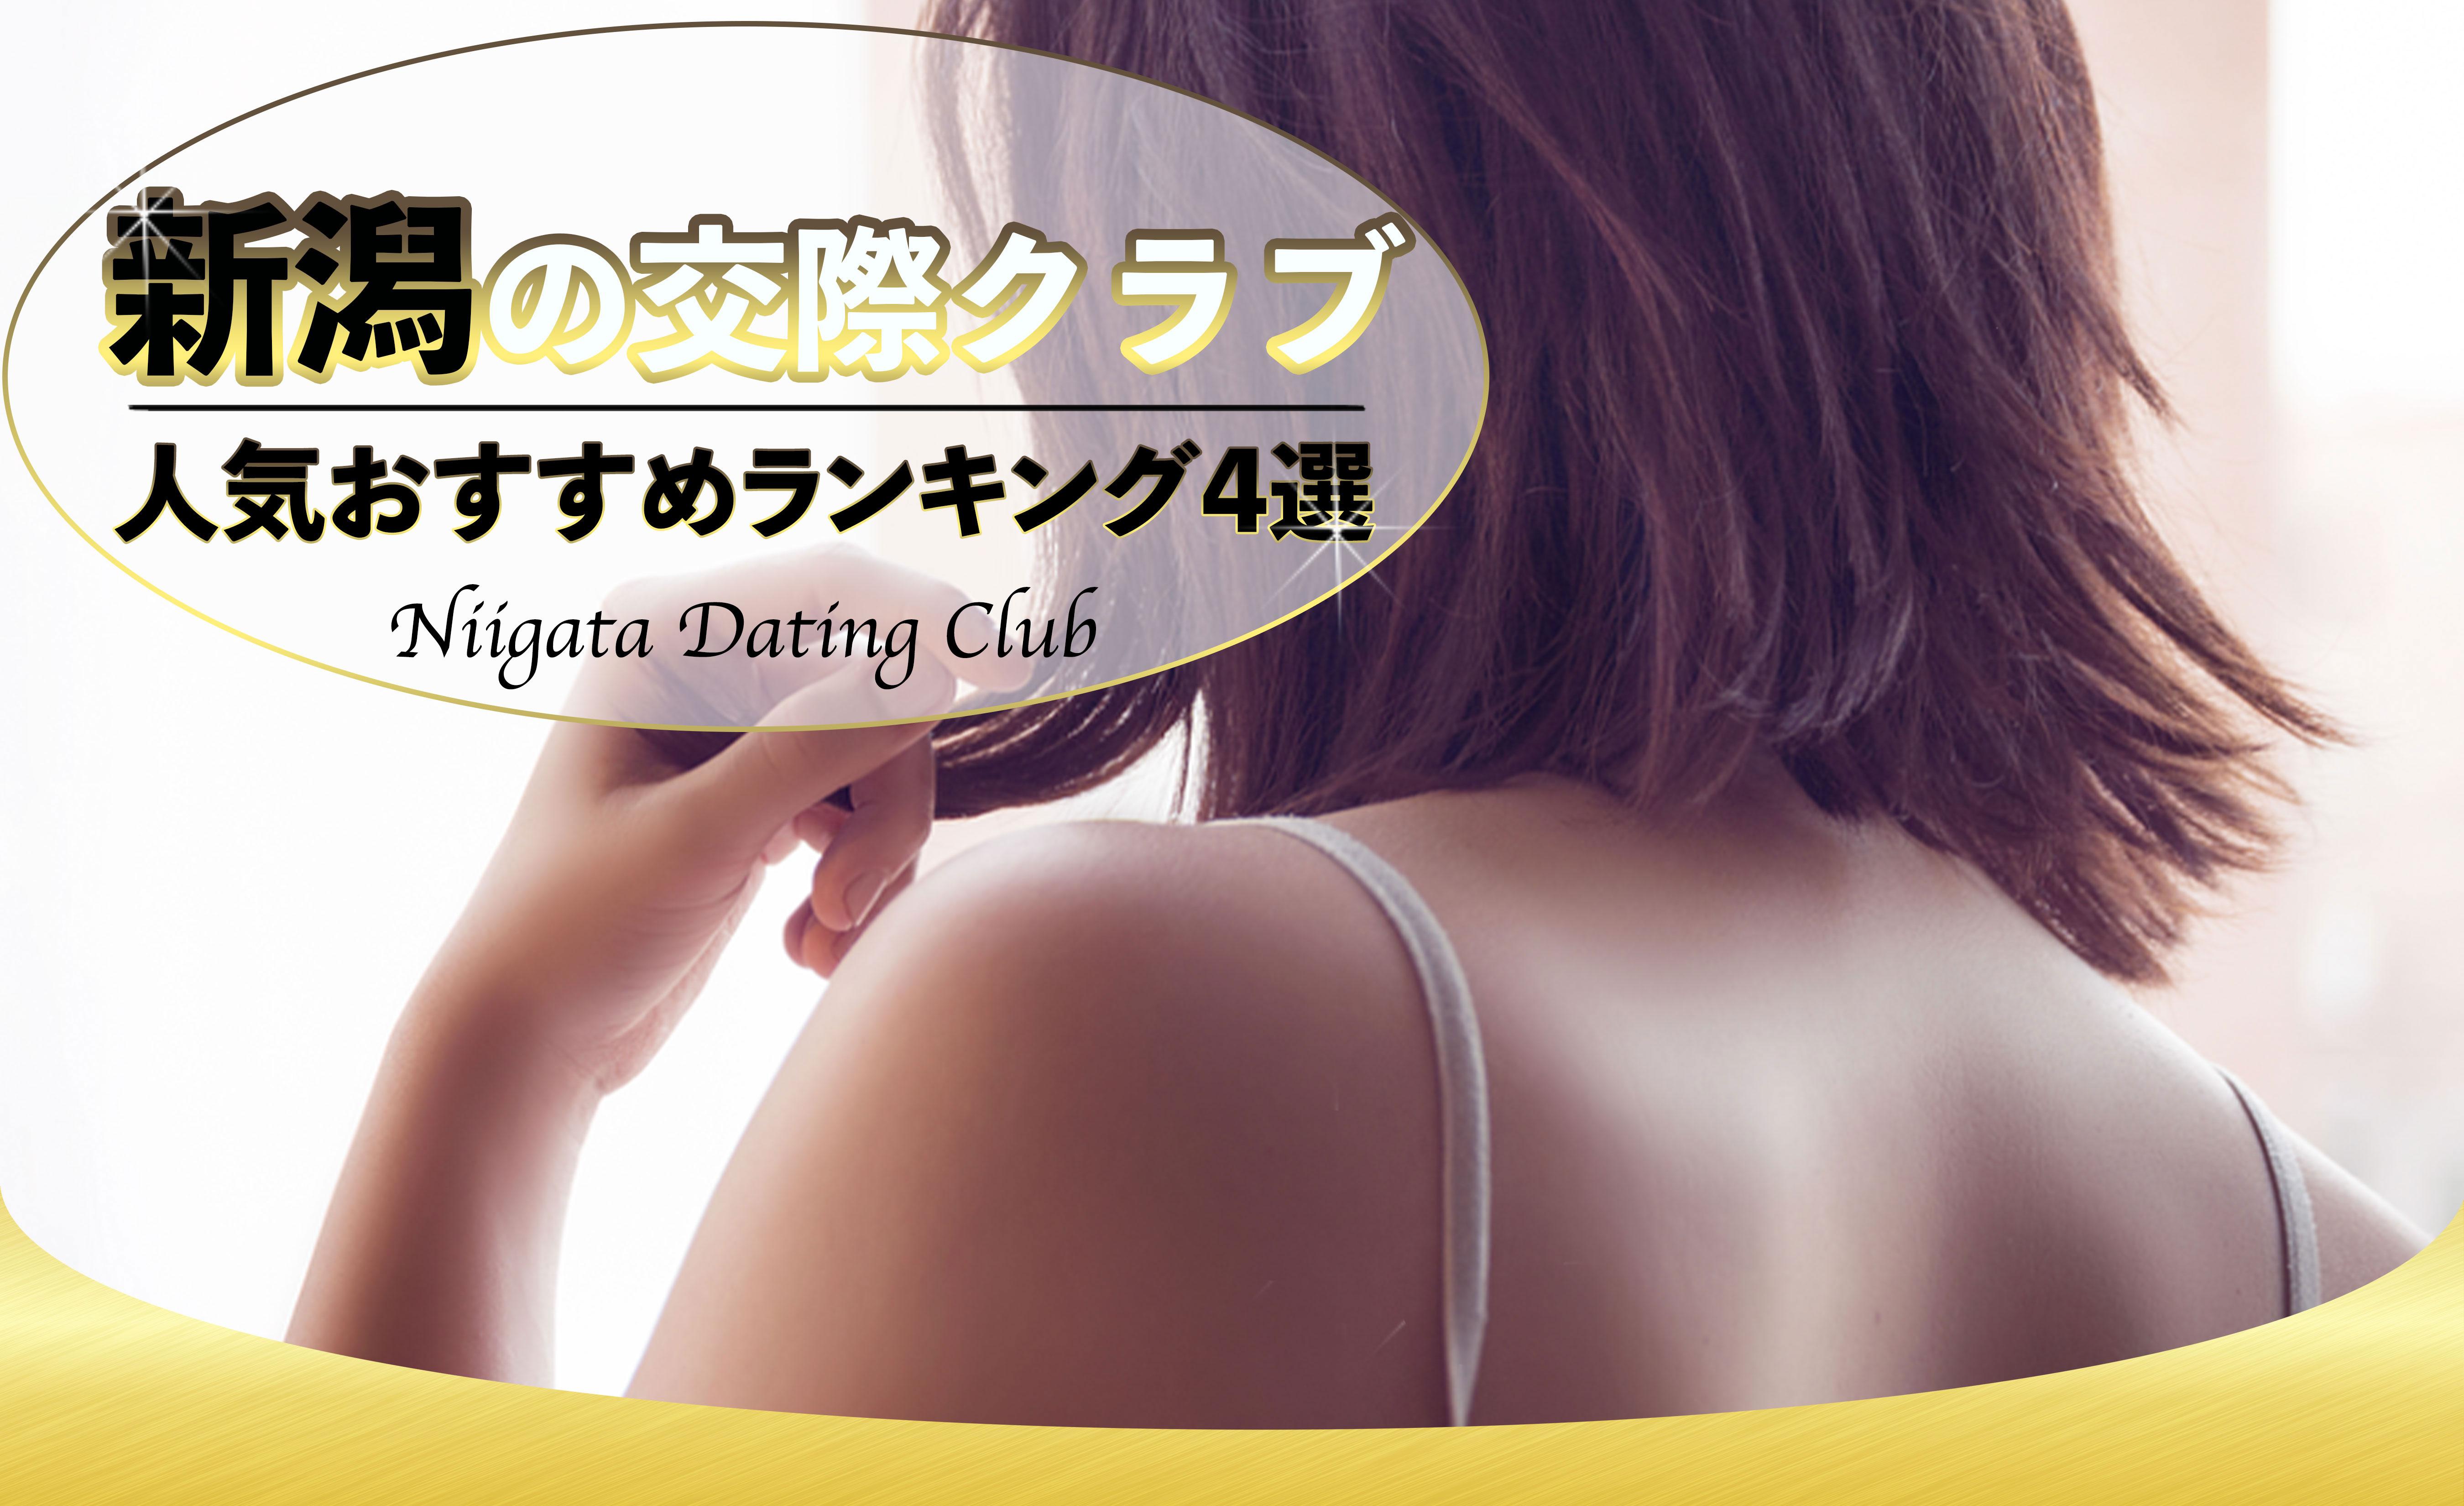 新潟の交際クラブ・デートクラブの人気おすすめランキング4選-失敗しない選び方を紹介-